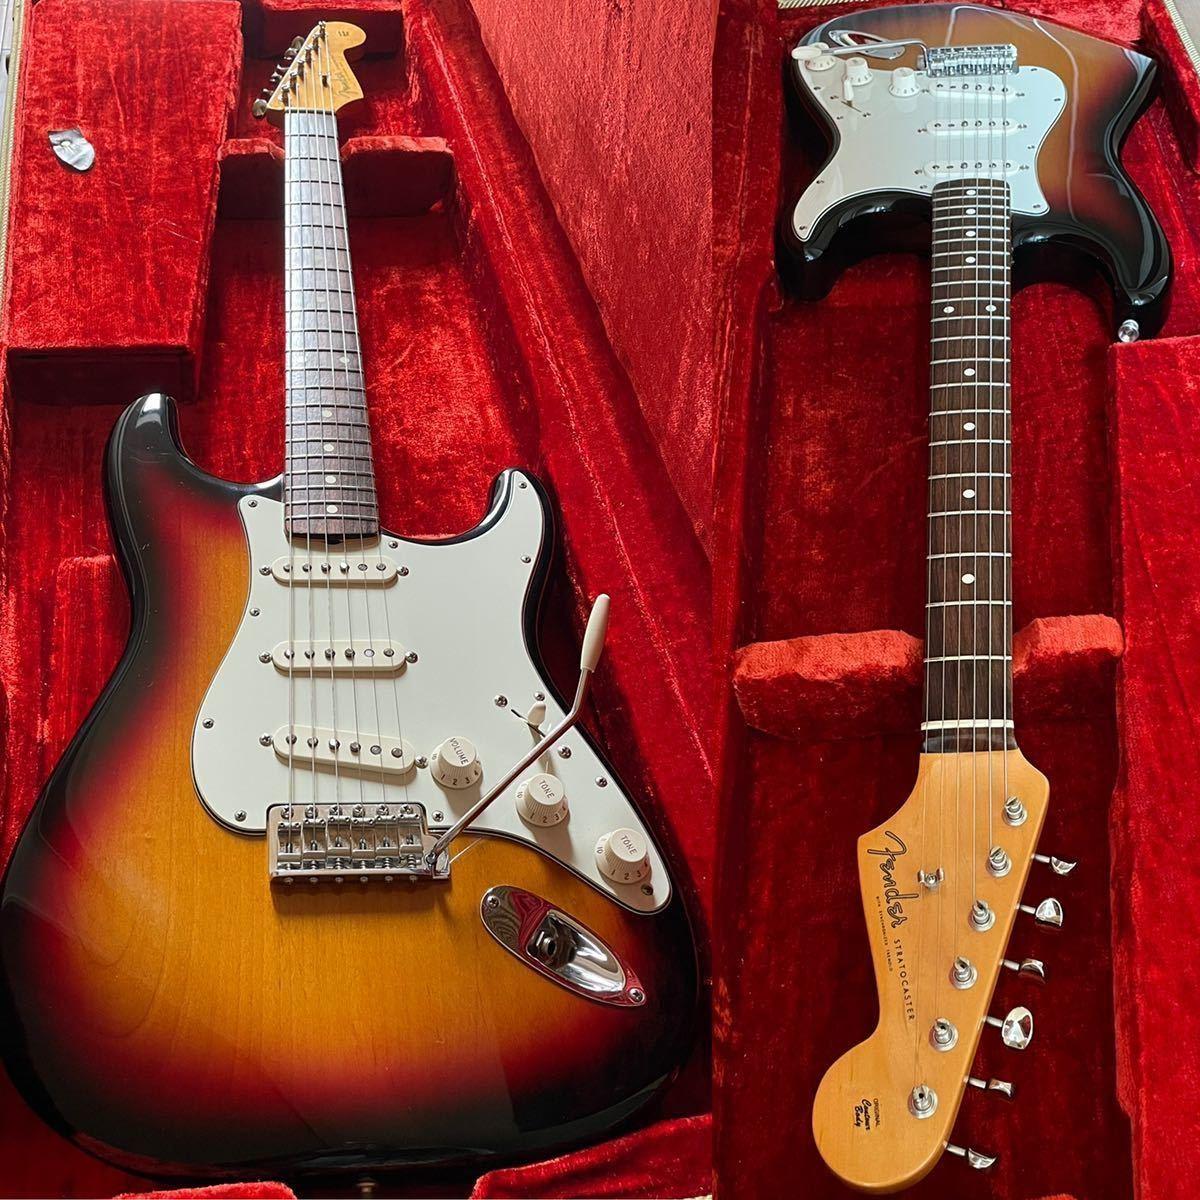 【軽量3.39kg】Fender USA American Vintage 62 Stratocaster 1999年 フェンダー ストラト